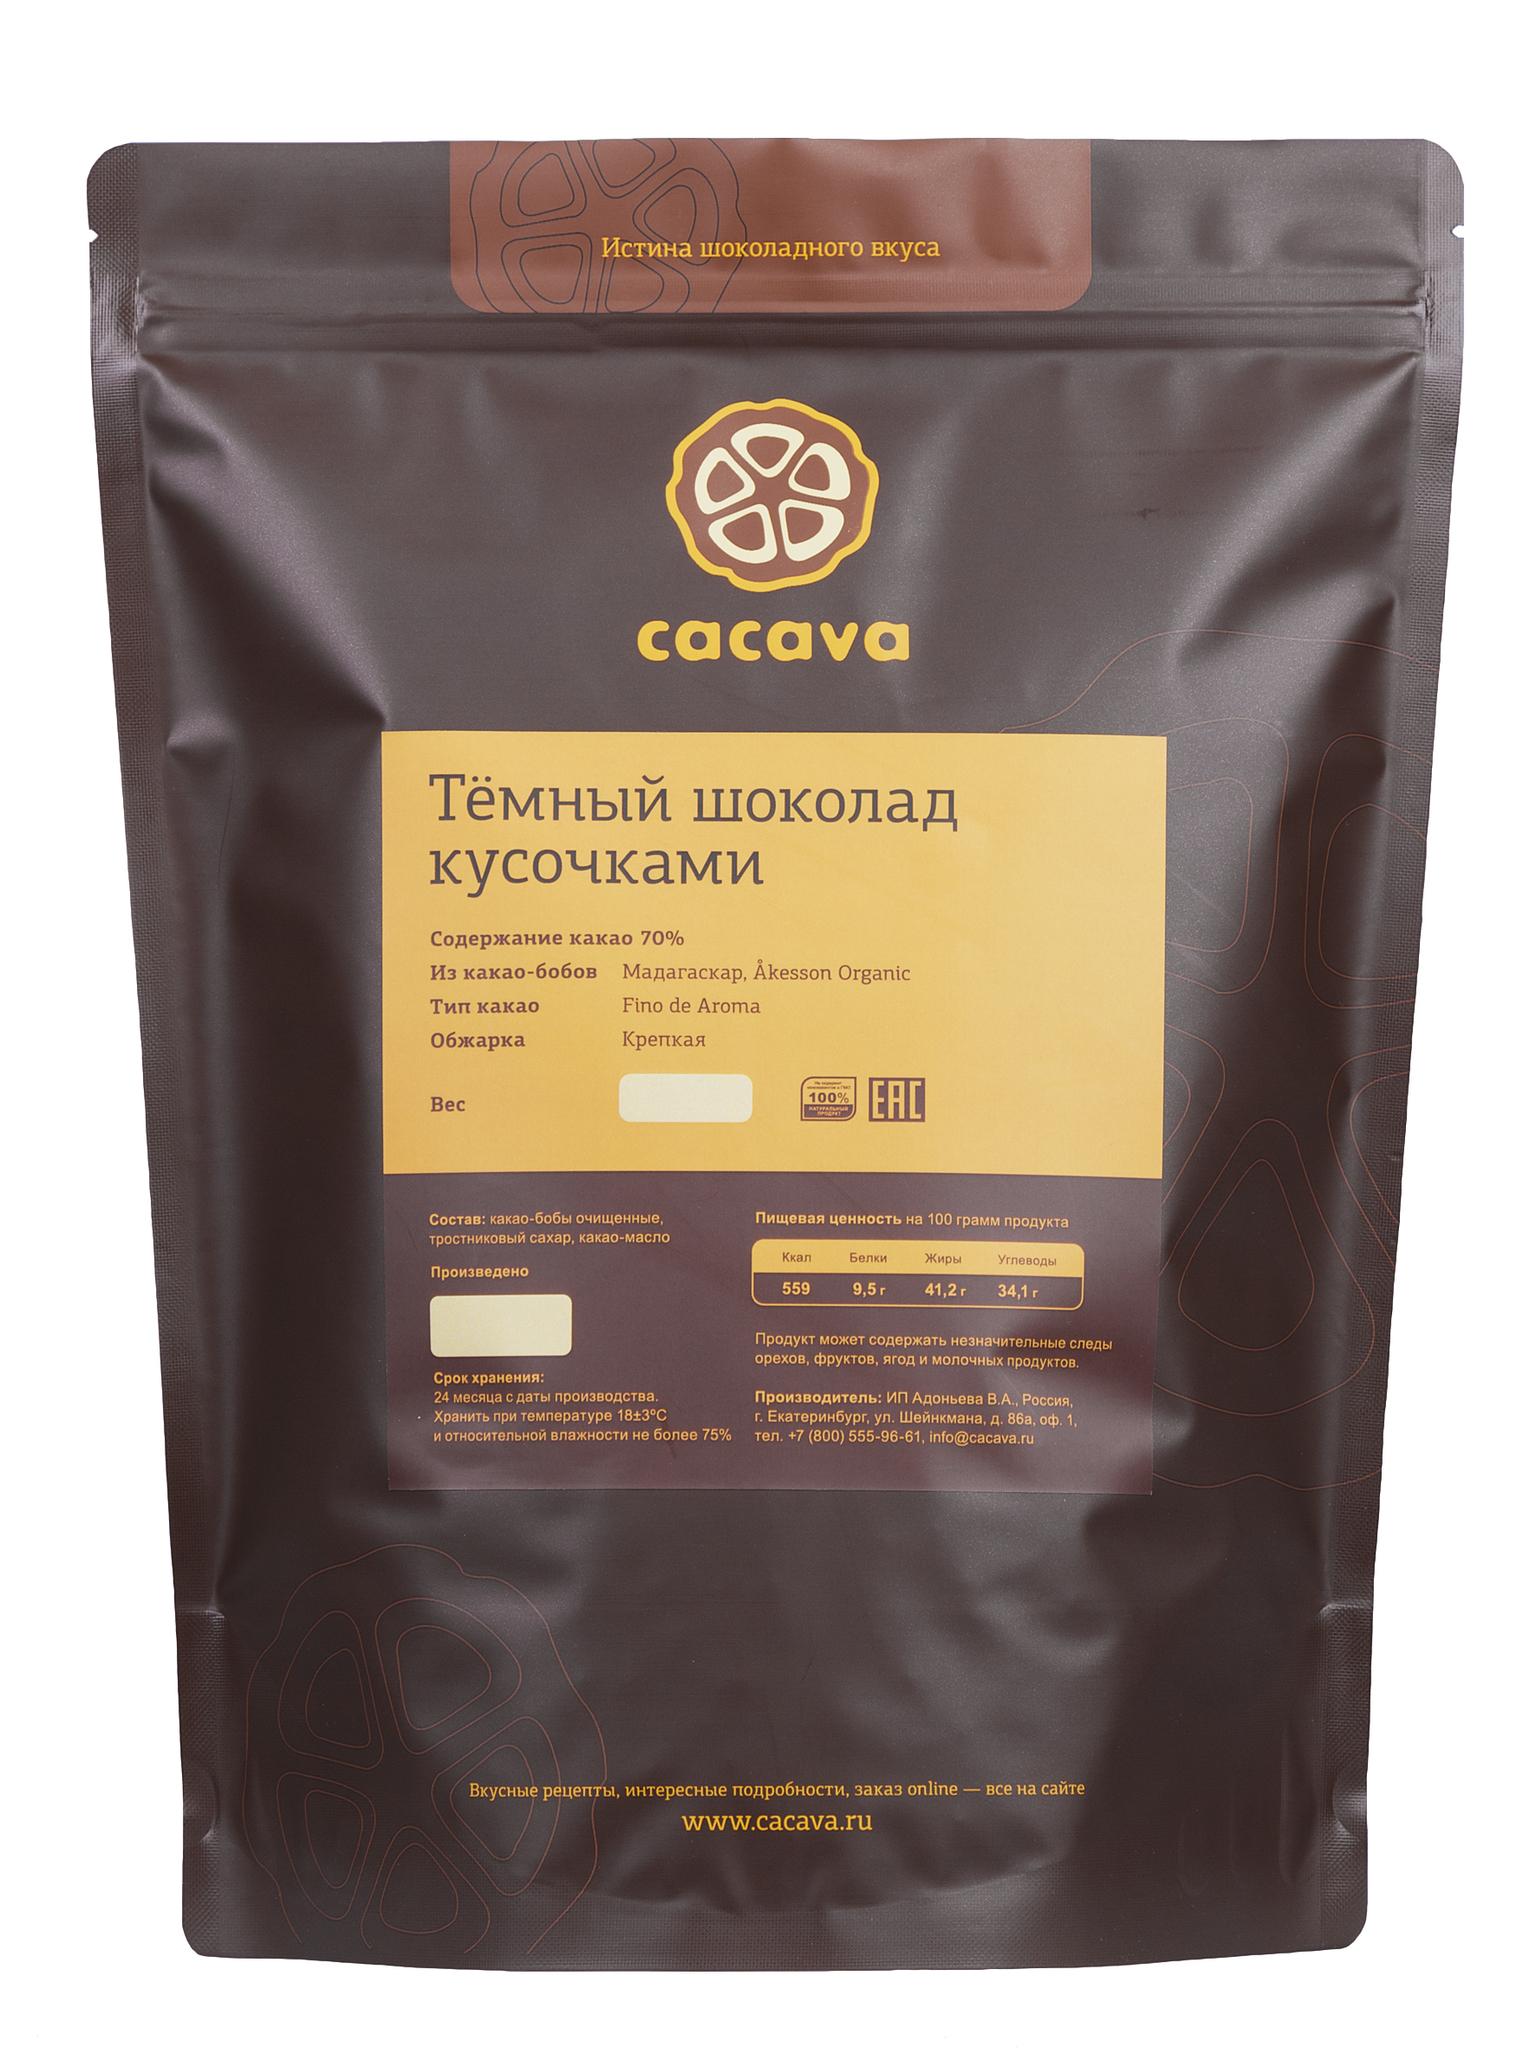 Тёмный шоколад 70 % какао (Мадагаскар, Åkesson), упаковка 1 кг